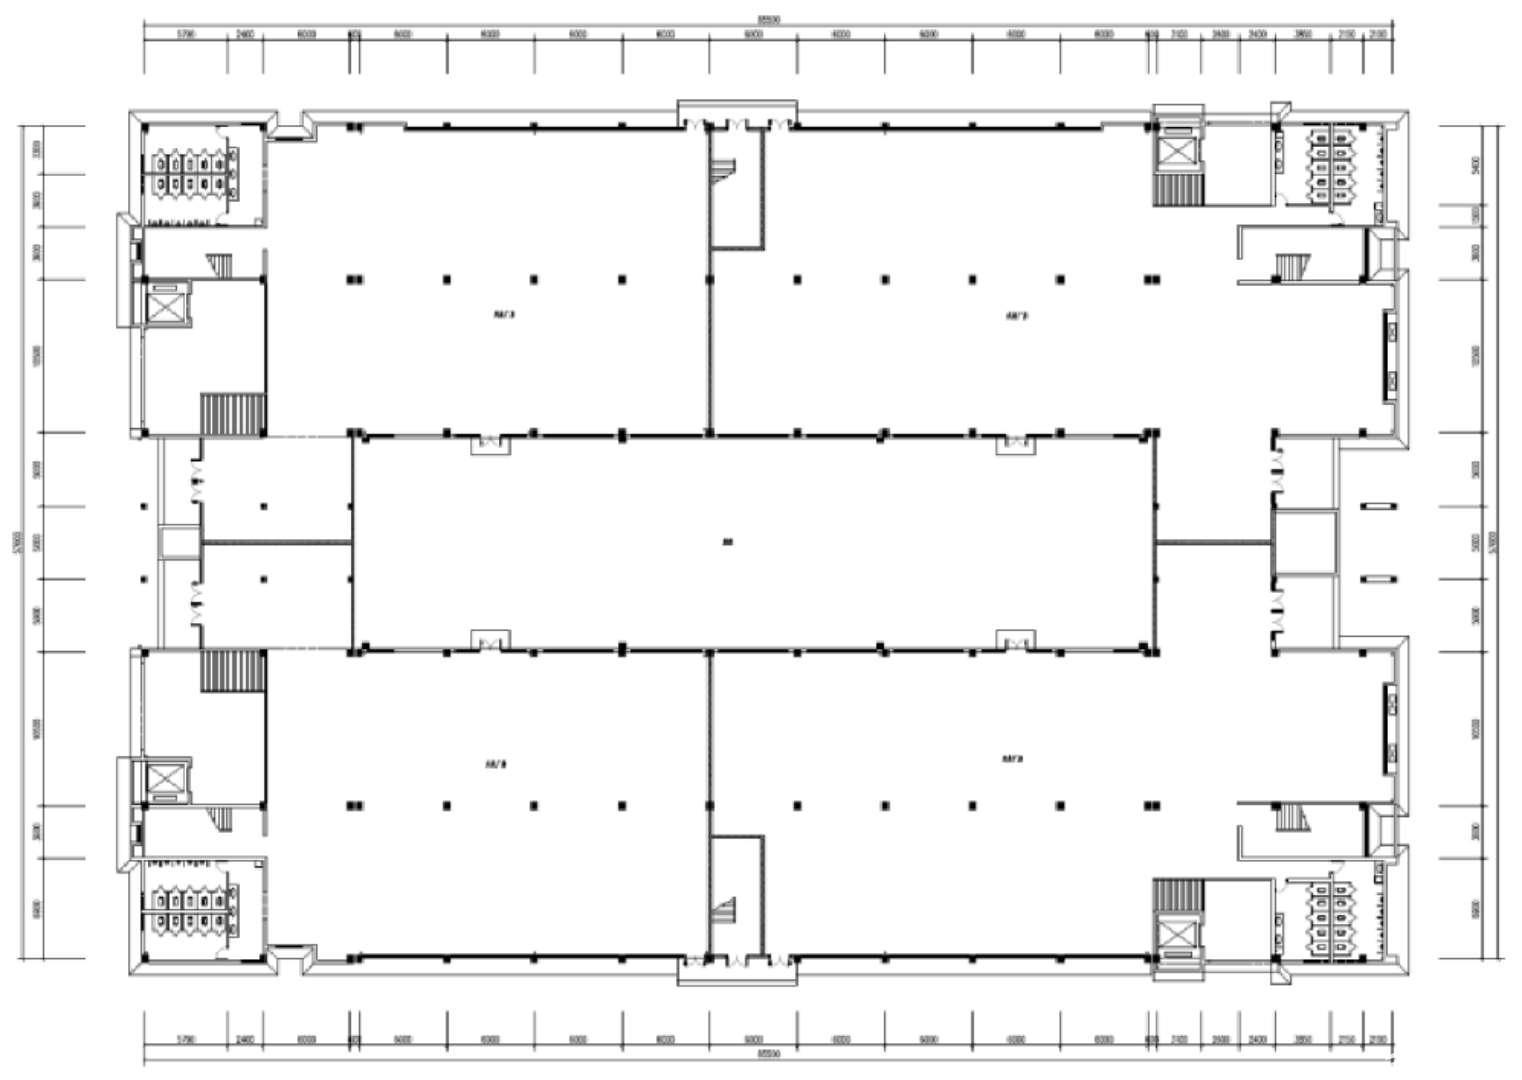 世企滙谷 全新园区厂房出售 一房一价 首付低